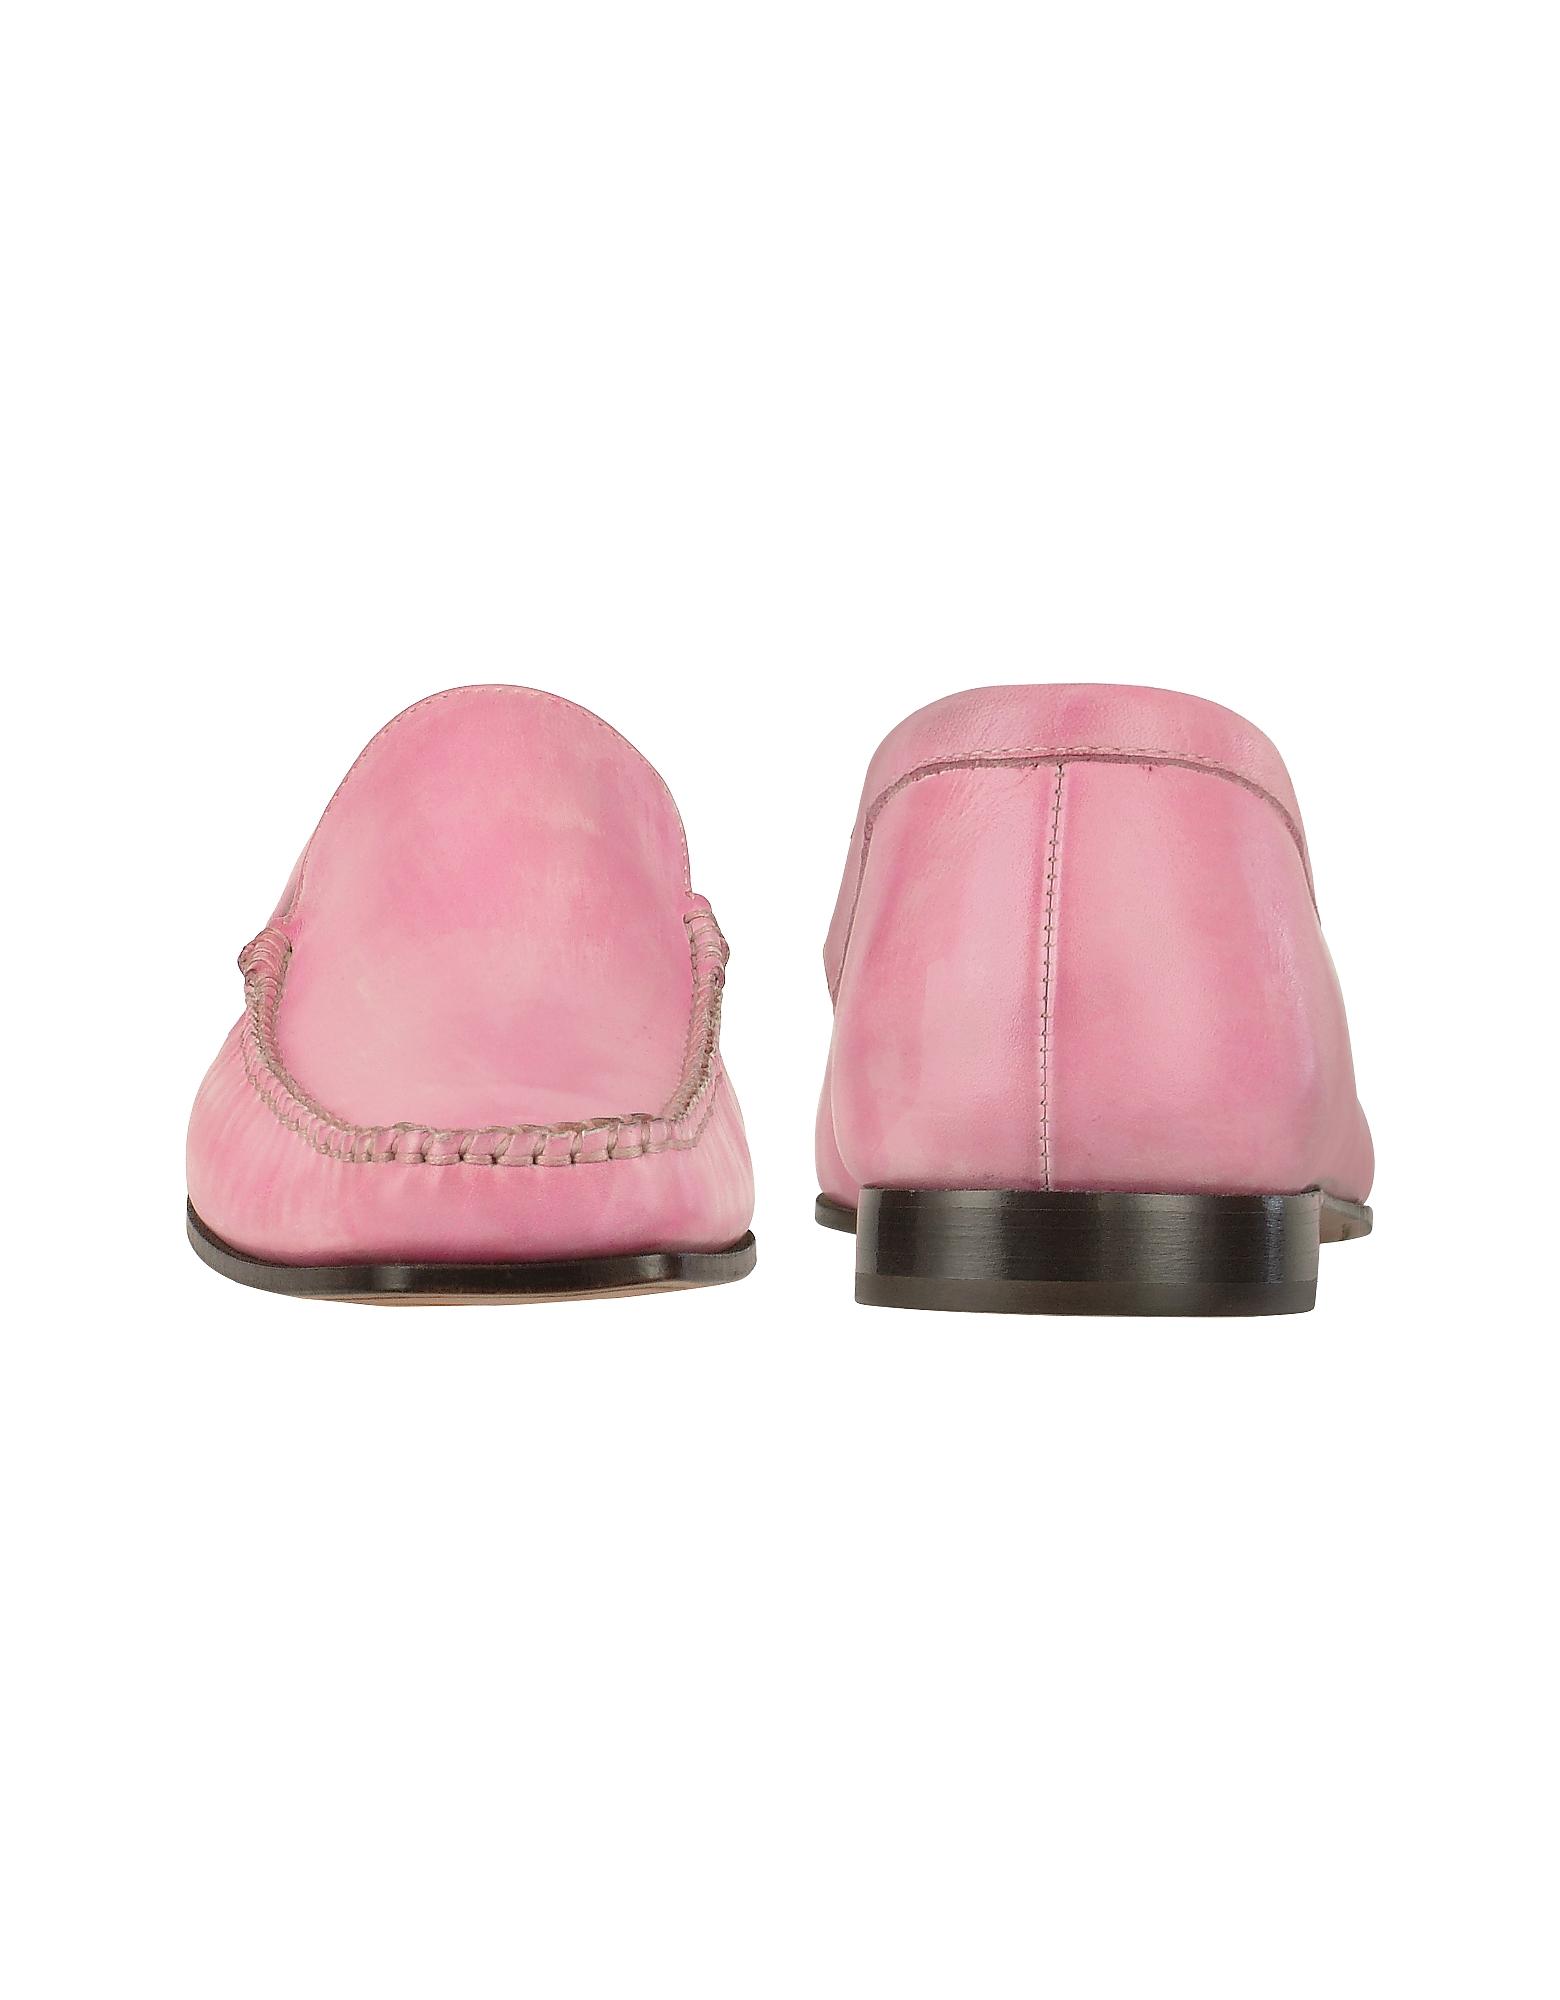 Фото Итальянские Розовые Кожаные Мокасины, Изготовленные Вручную. Купить с доставкой